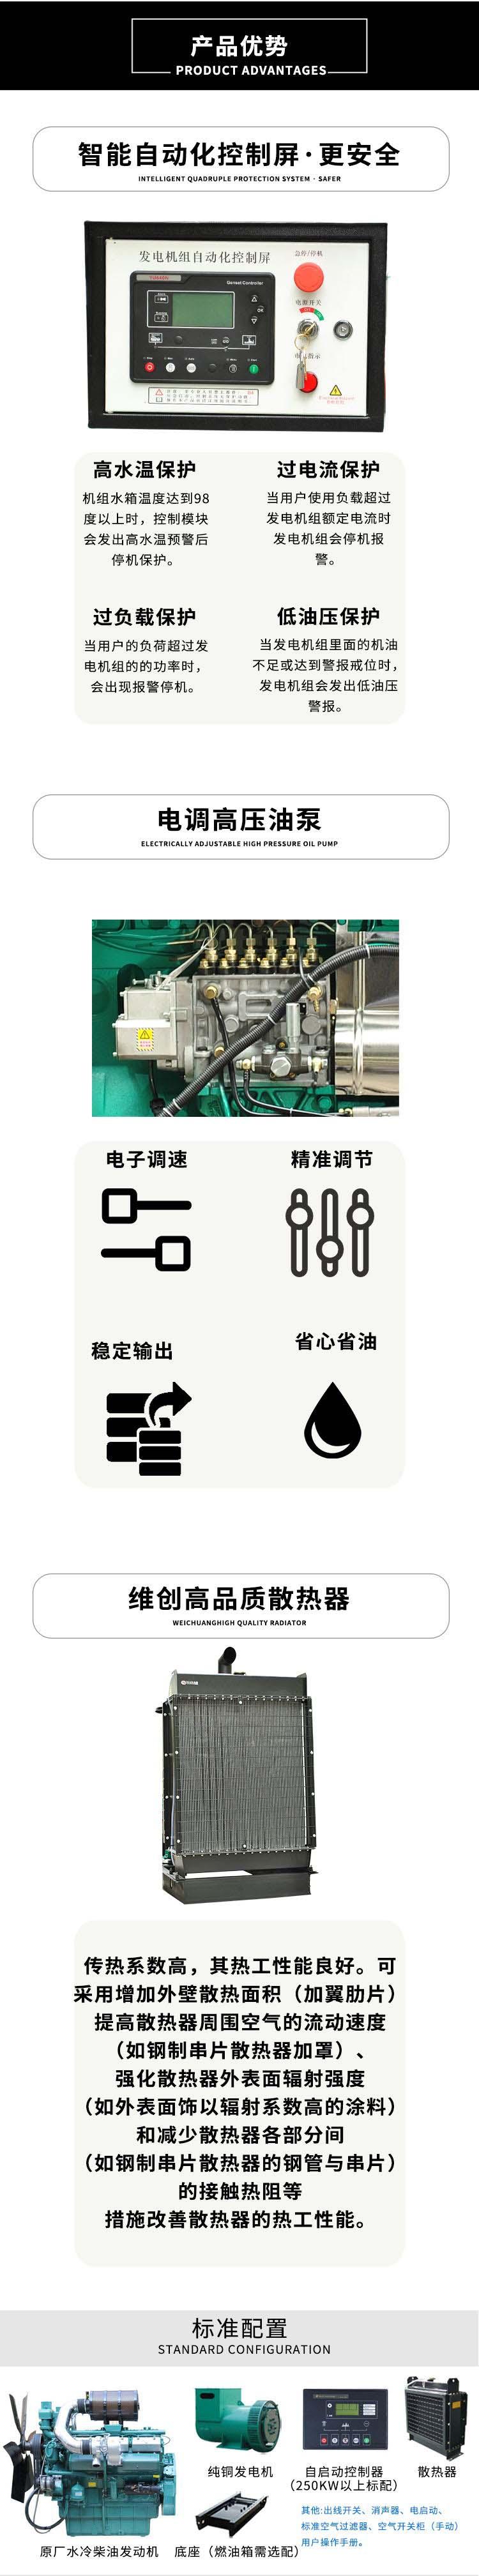 潍坊30KW柴油发电机组参数